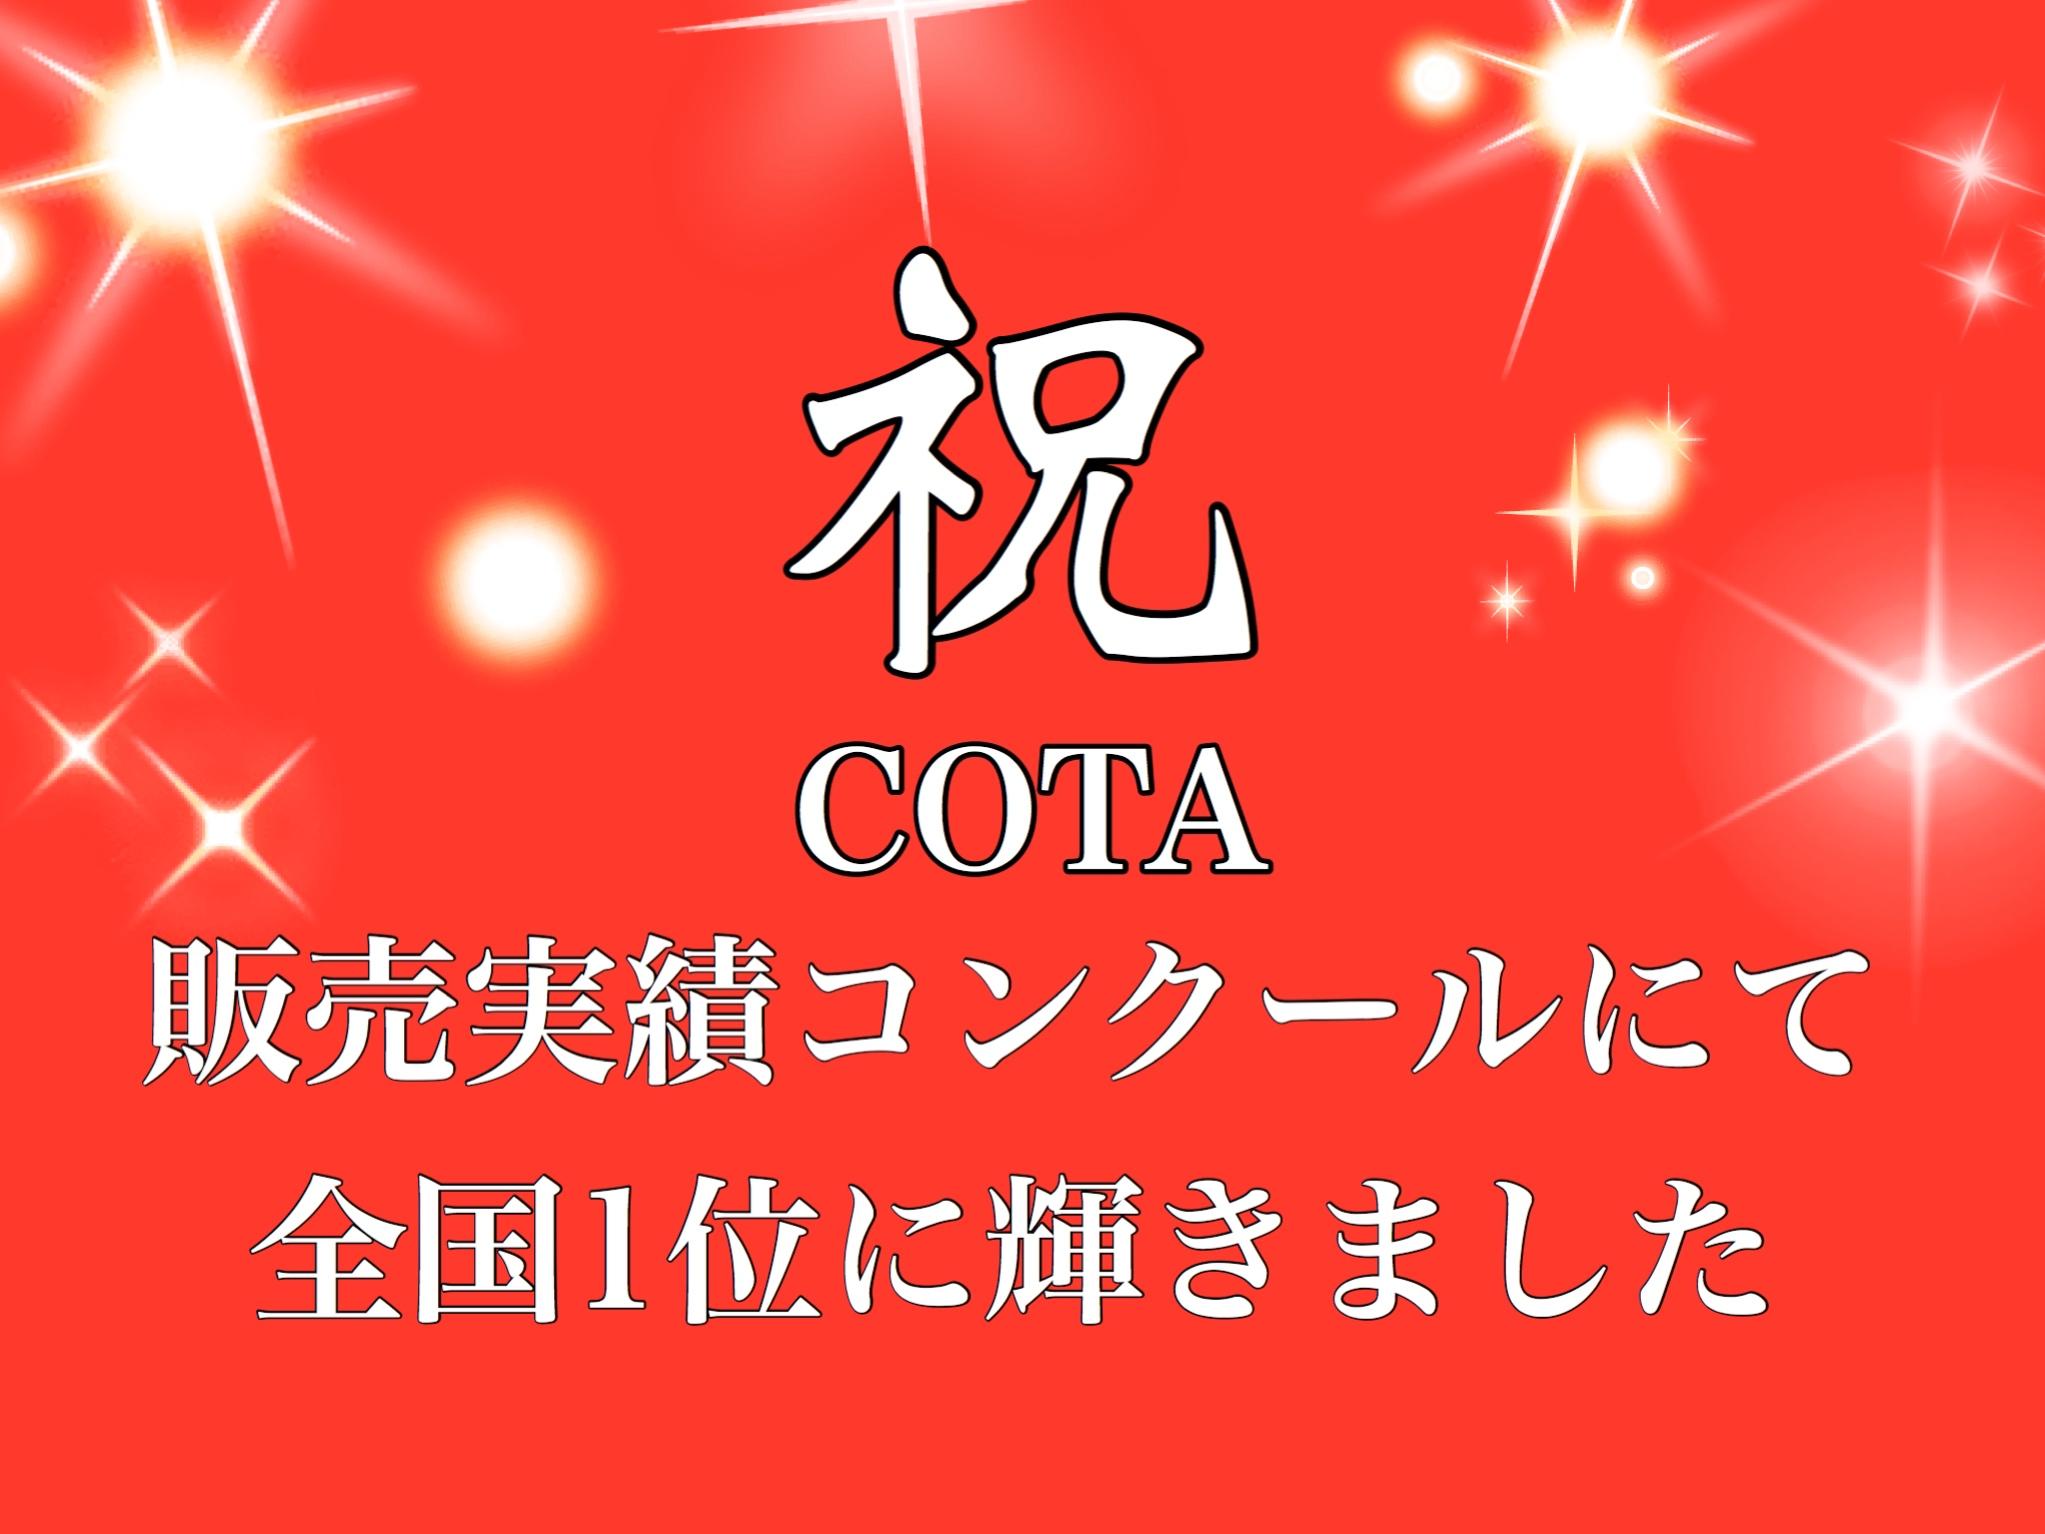 【祝祝祝】2017年度COTAケアアイテム取扱店「全国1位」を奪還しました!!!